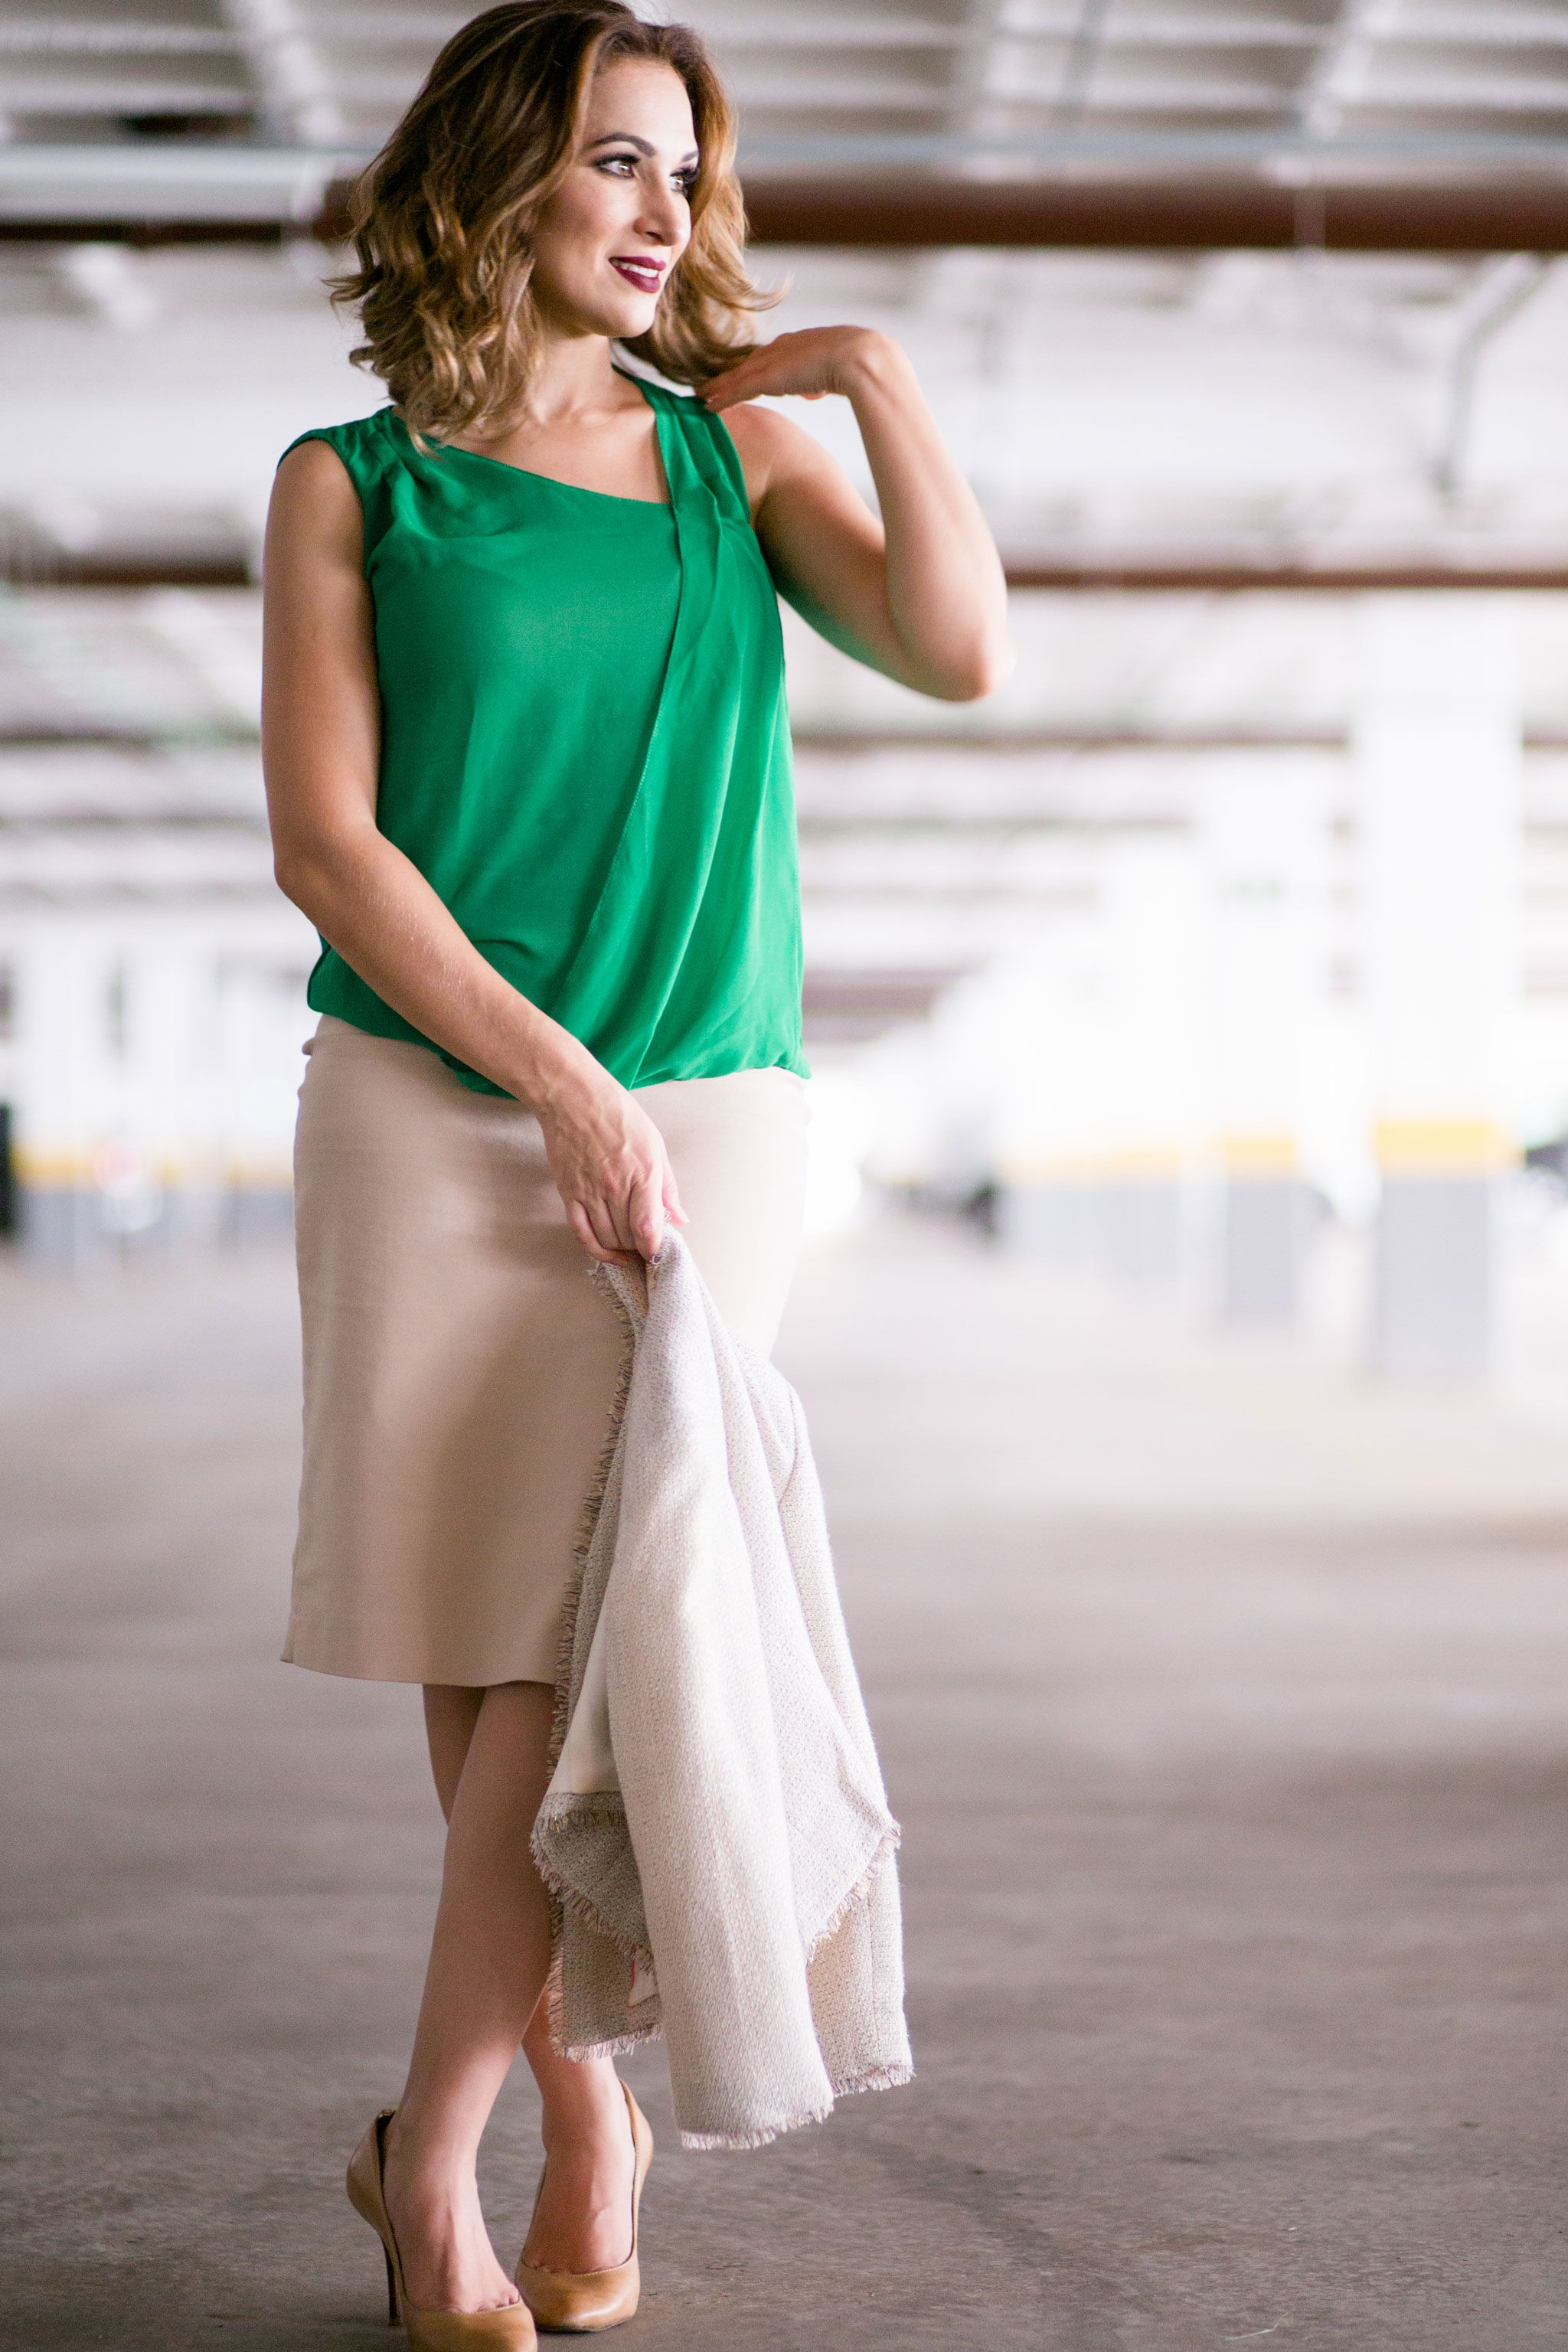 Look contemporâneo. Blusinha verde da Zara. Saia nude da Zara. Sapato nude @Schutz. #GW10_30 #10peças30looks #consultoriadeimagem #imagem #moda #fashion #estilocontemporâneo #officelook #lookfeminno #sapatonude